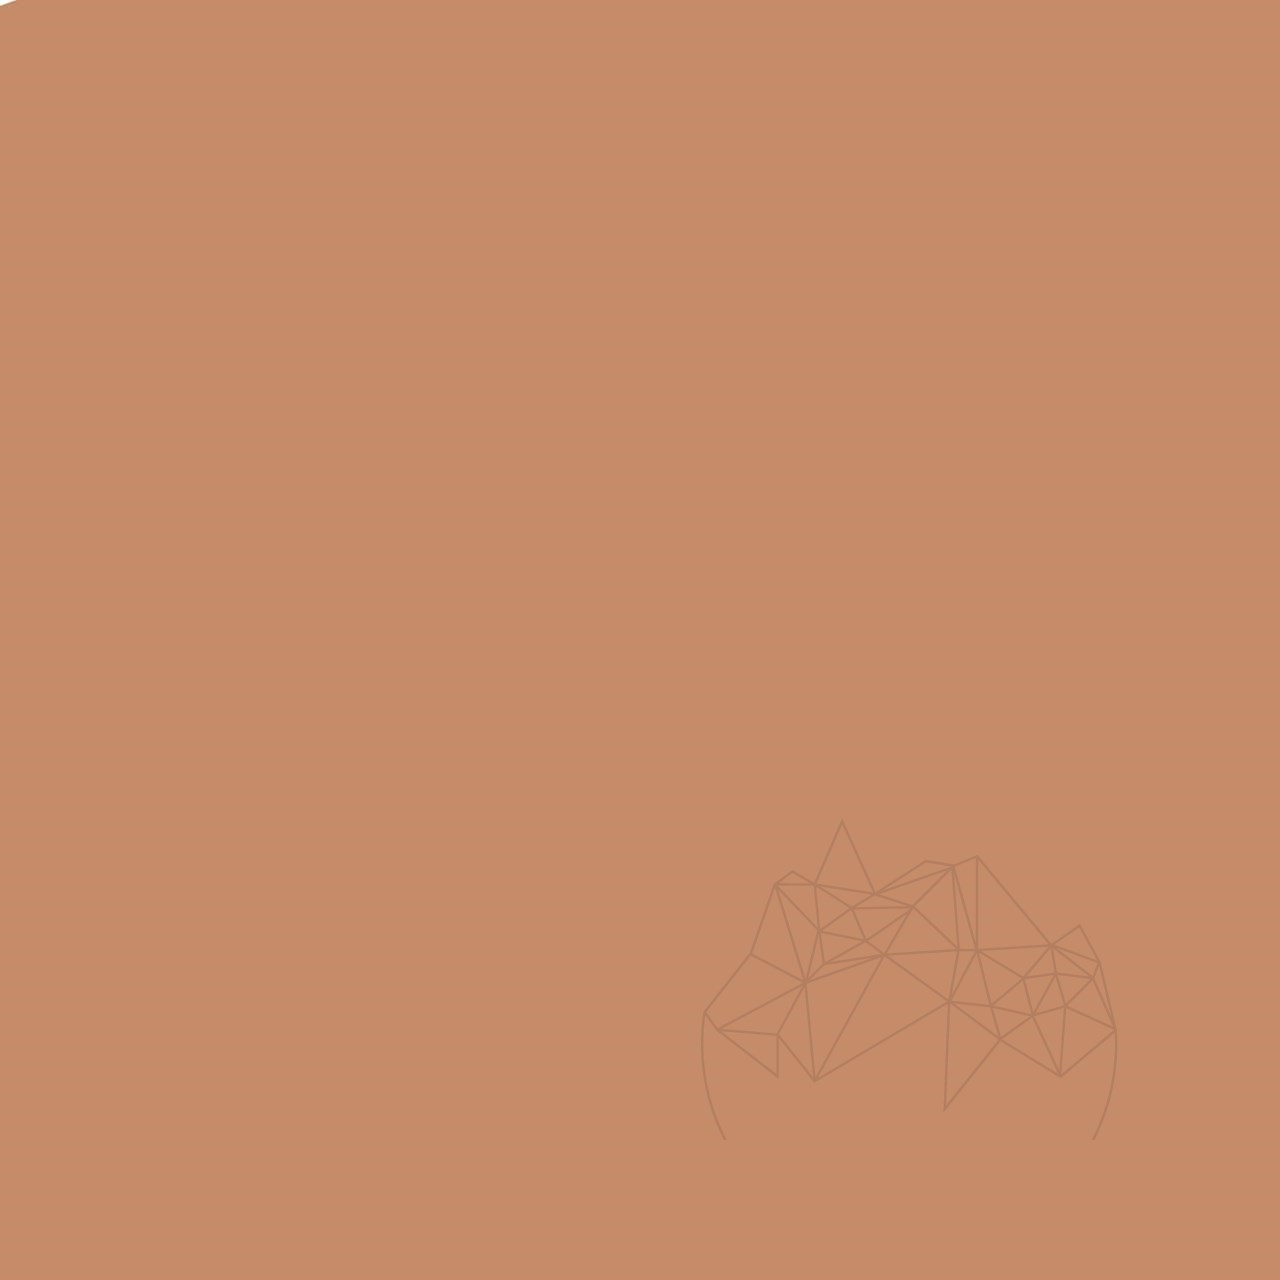 Chit Rosturi - Weber Color Perfect Caramel 2 KG title=Chit Rosturi - Weber Color Perfect Caramel 2 KG